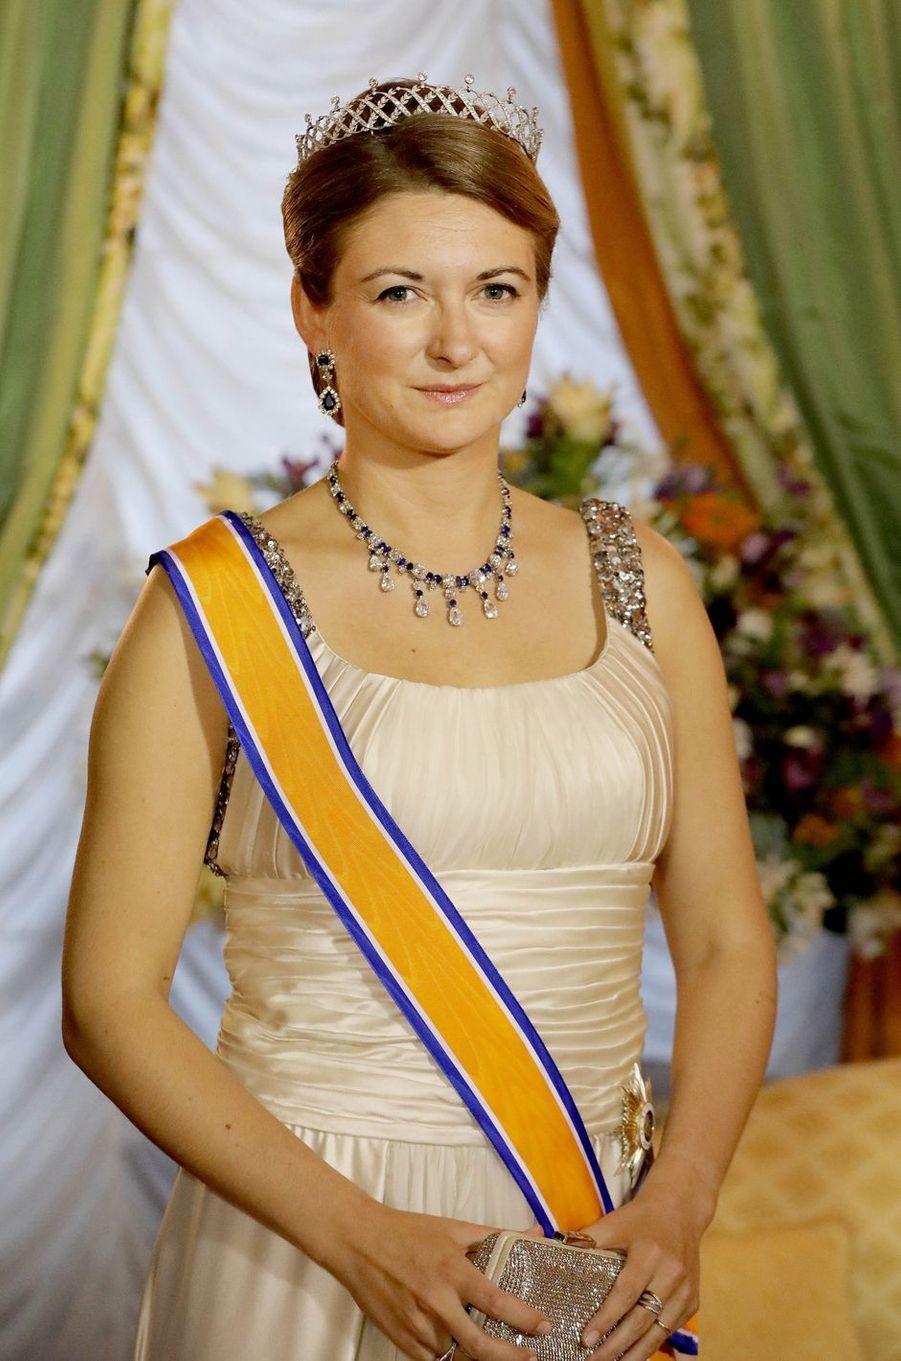 La princesse Stéphanie de Luxembourg à Luxembourg, le 23 mai 2018